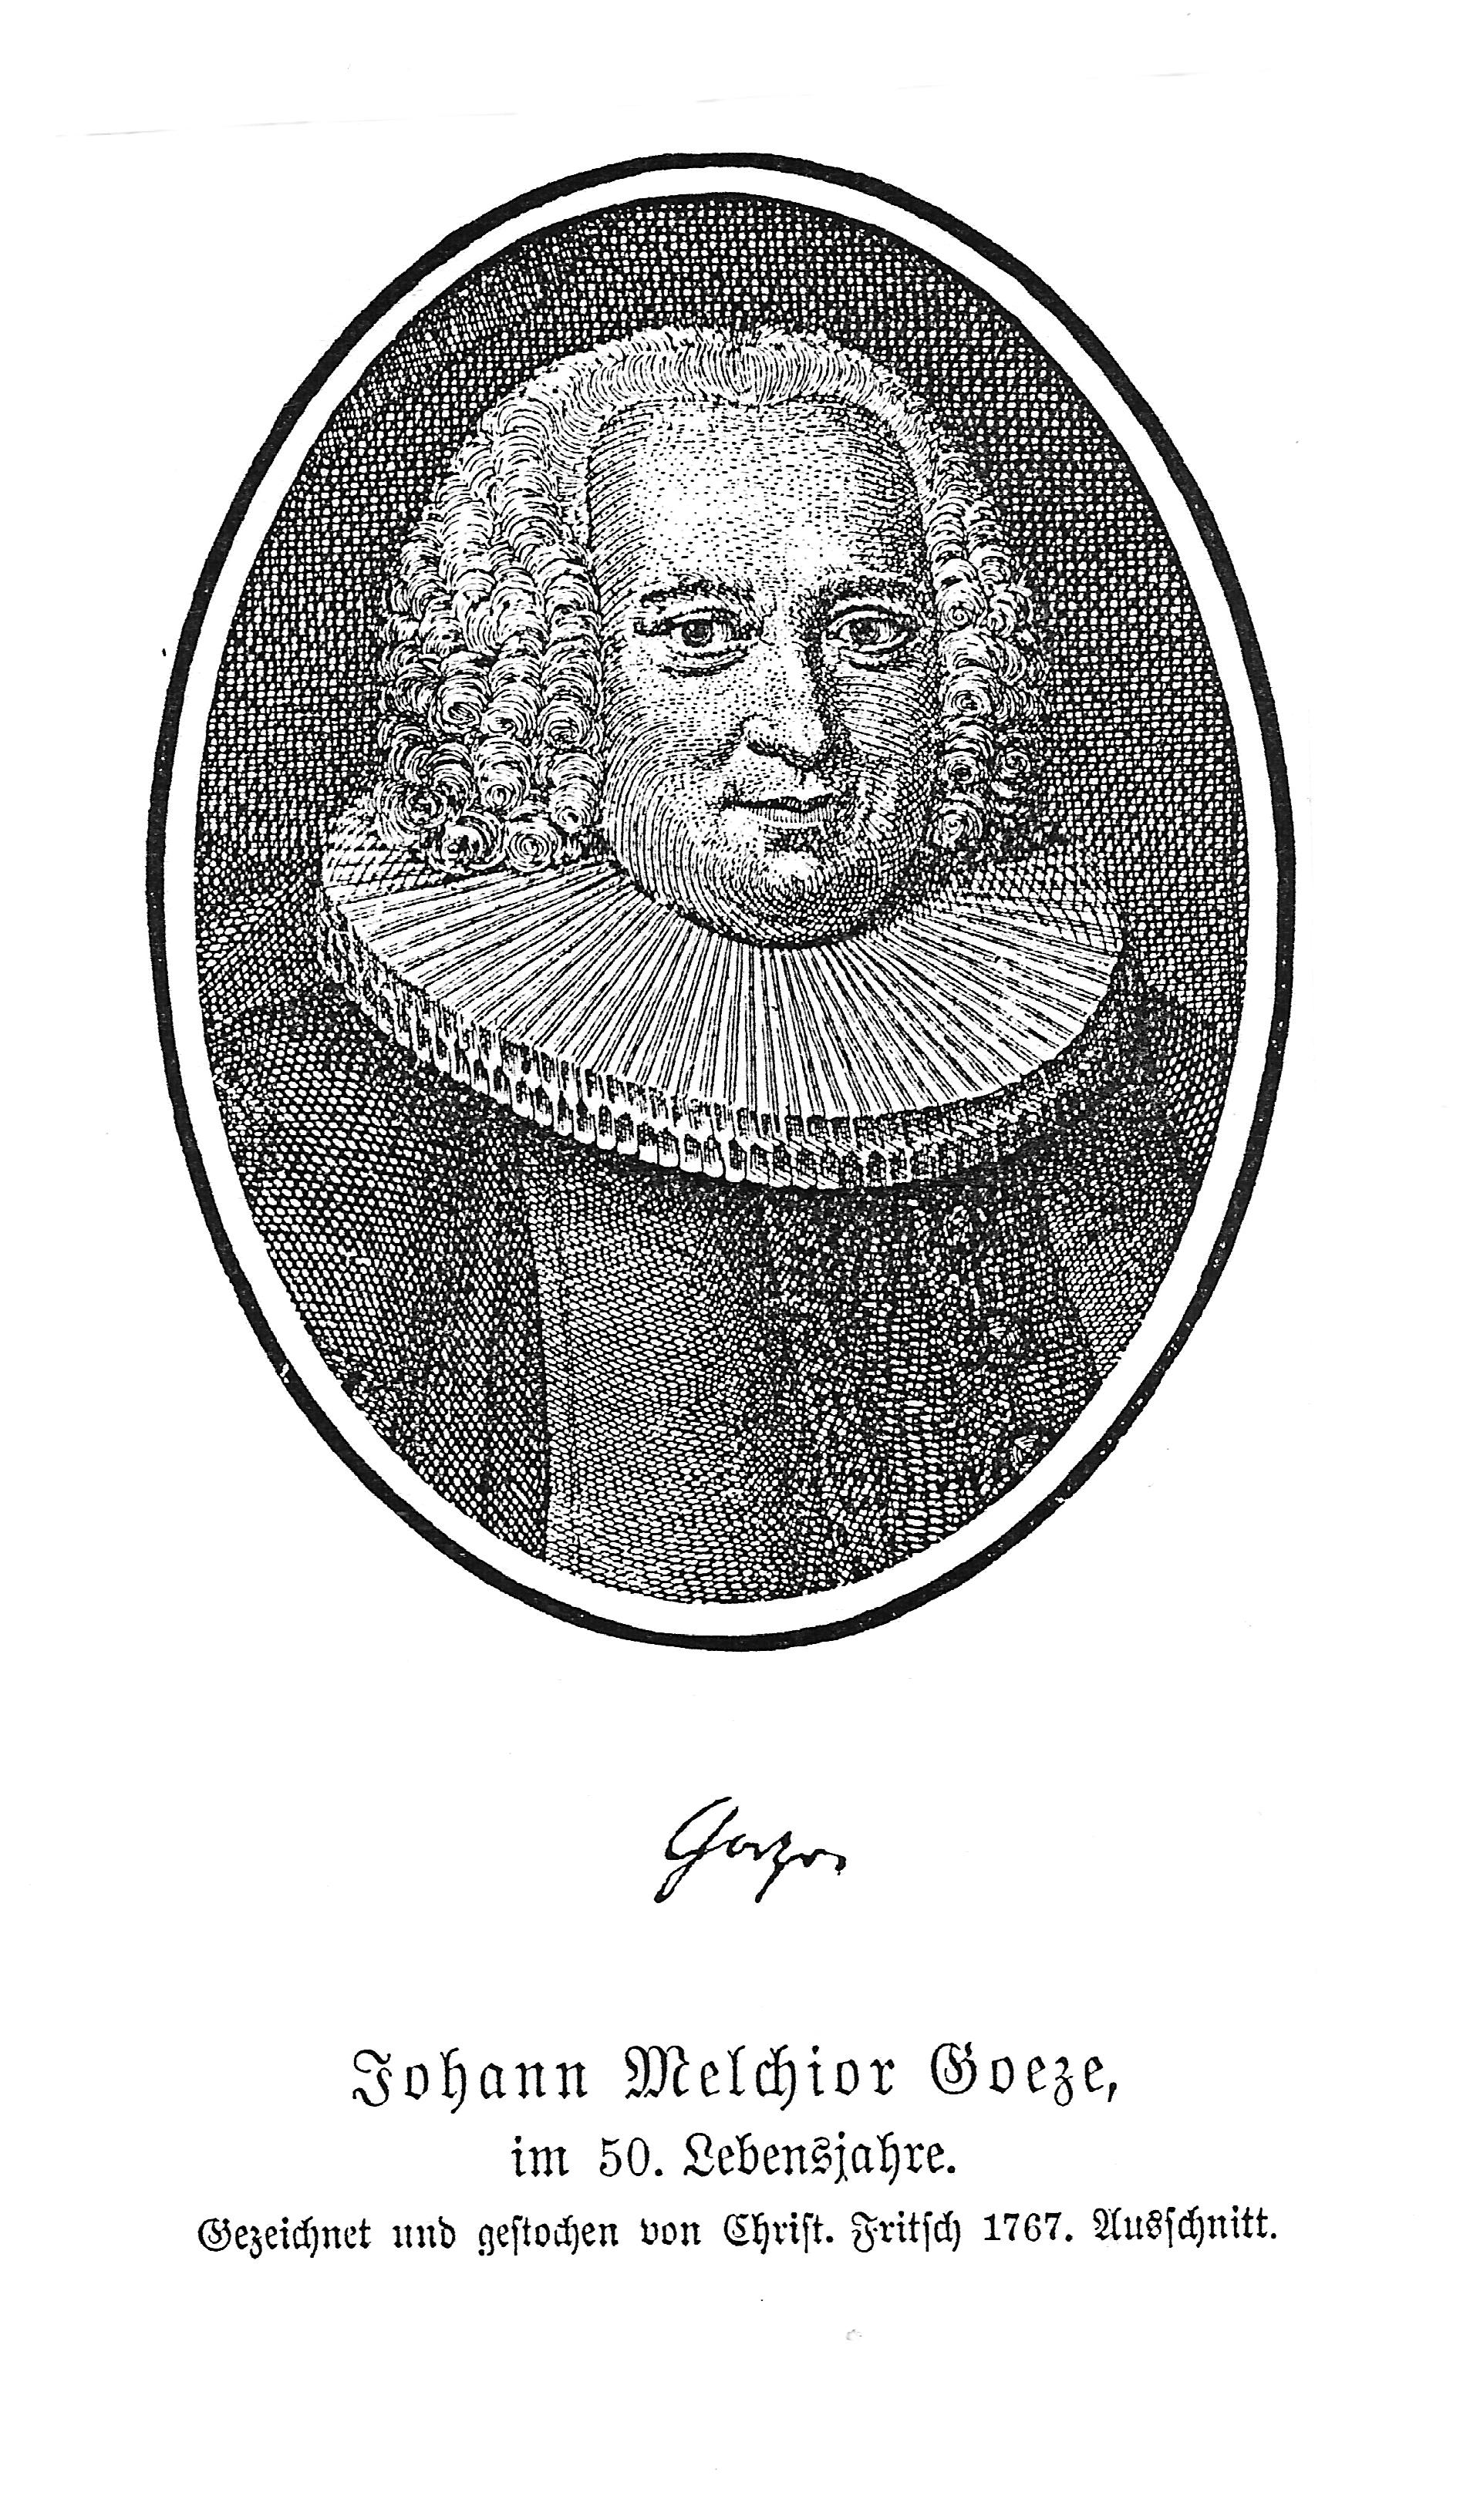 Johann Melchior Goeze